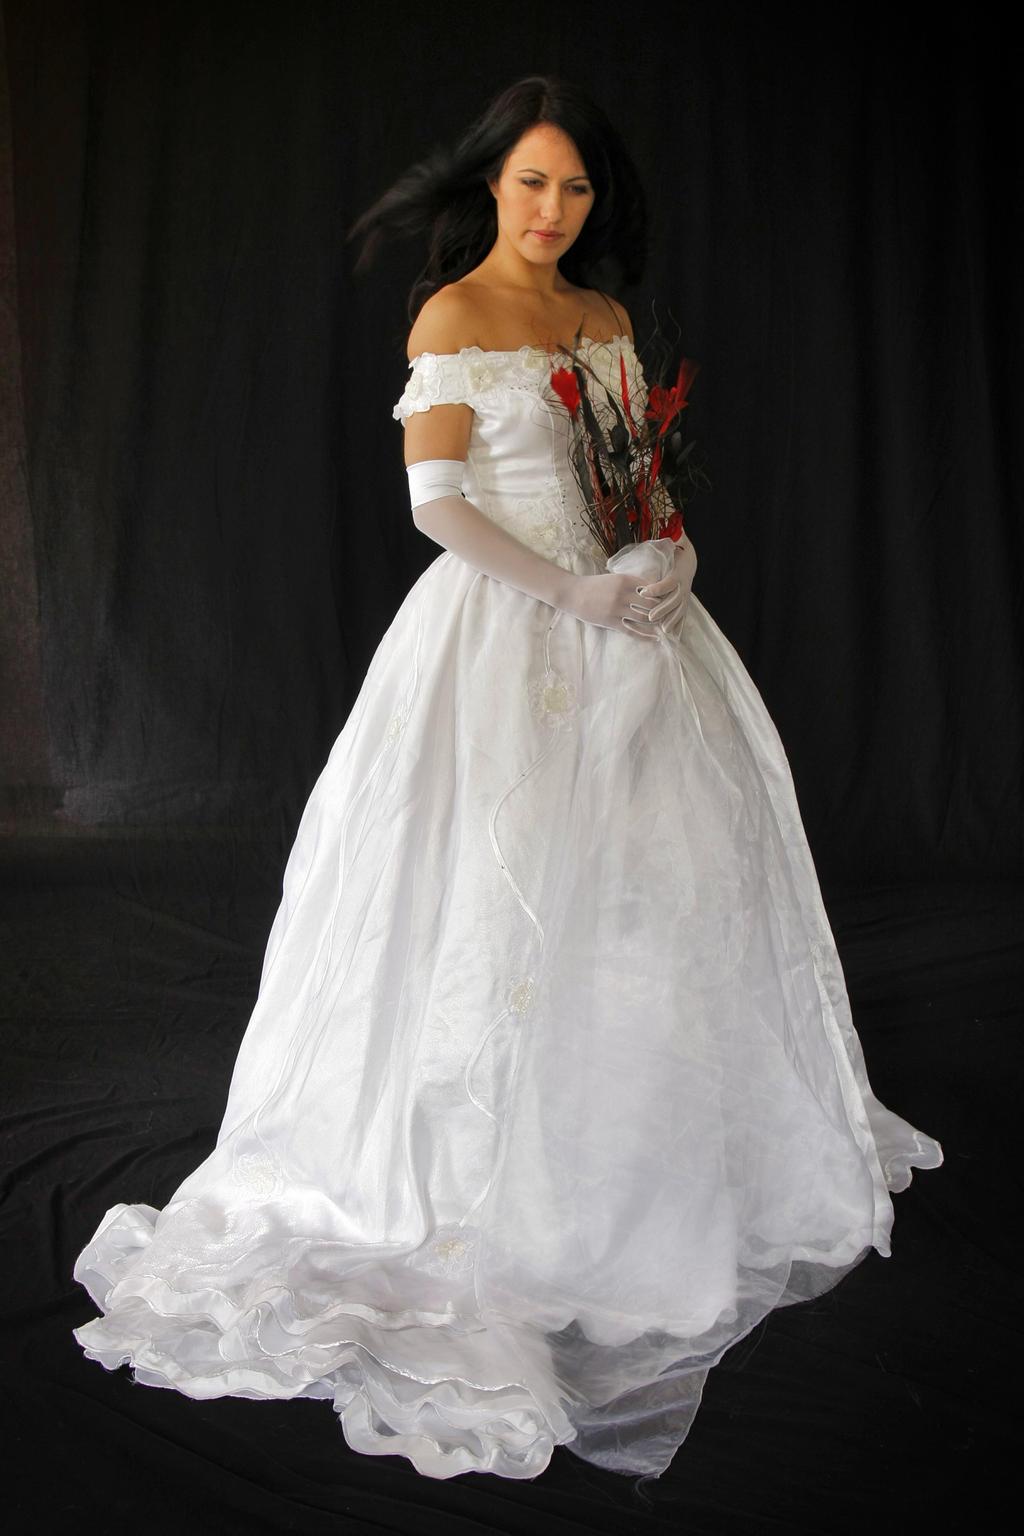 The bride 2 by CathleenTarawhiti